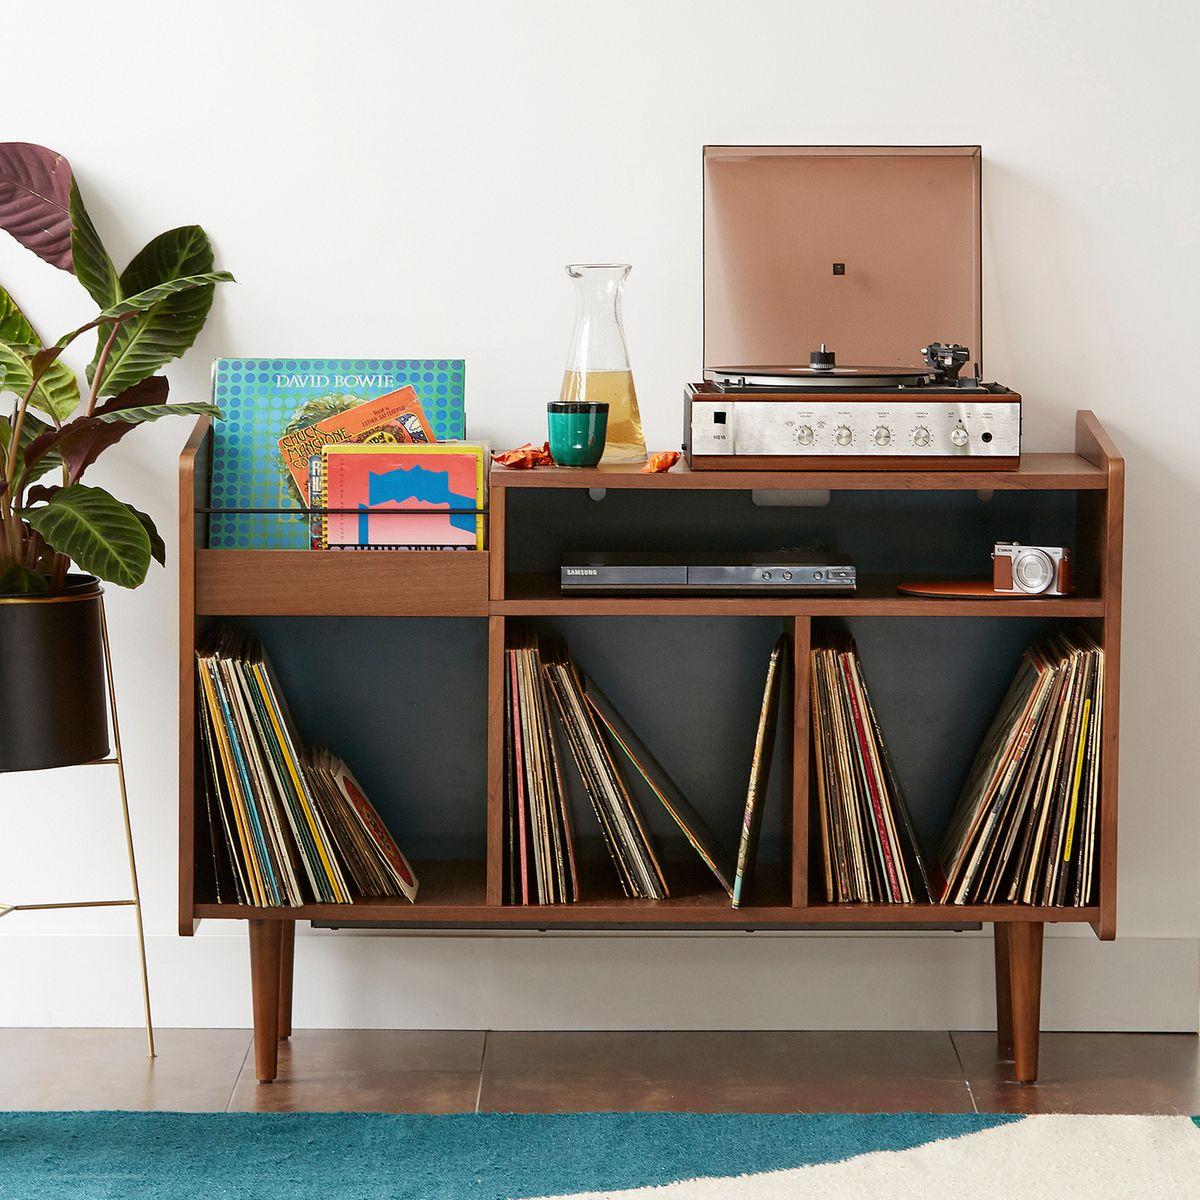 meuble vinyle pas cher bois design retro vintage pied métal